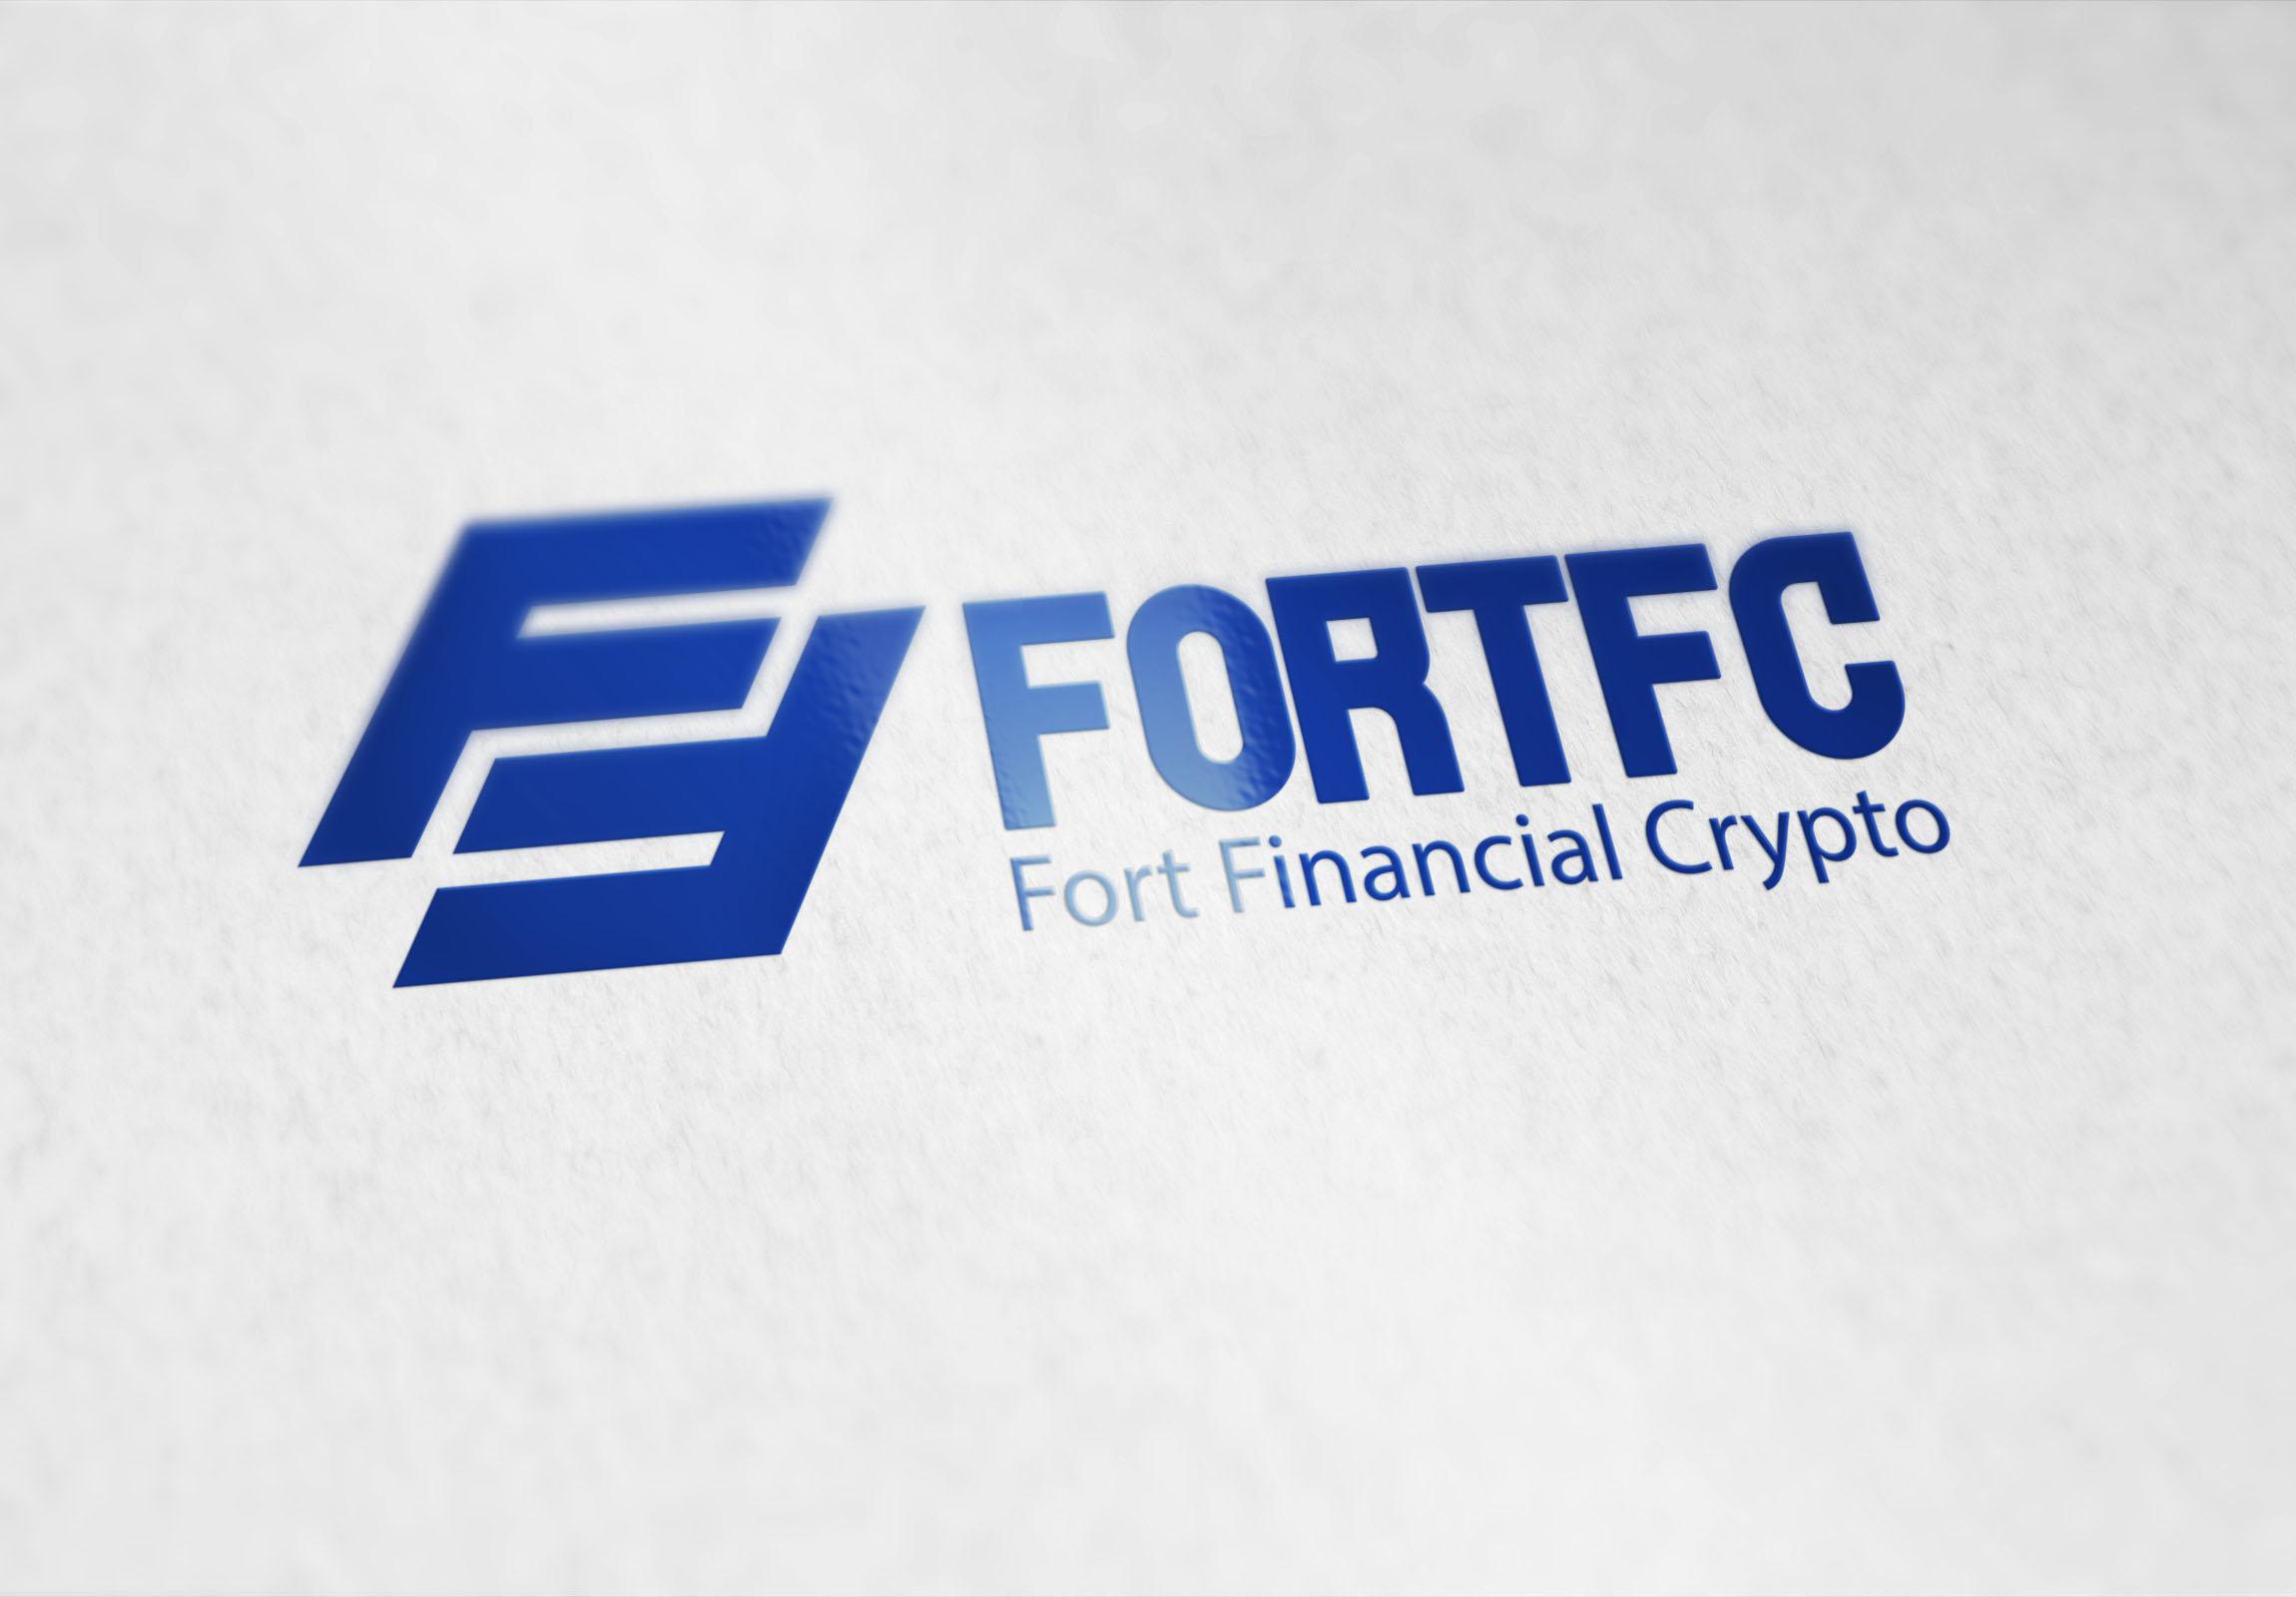 Разработка логотипа финансовой компании фото f_2855a8c43990c692.jpg